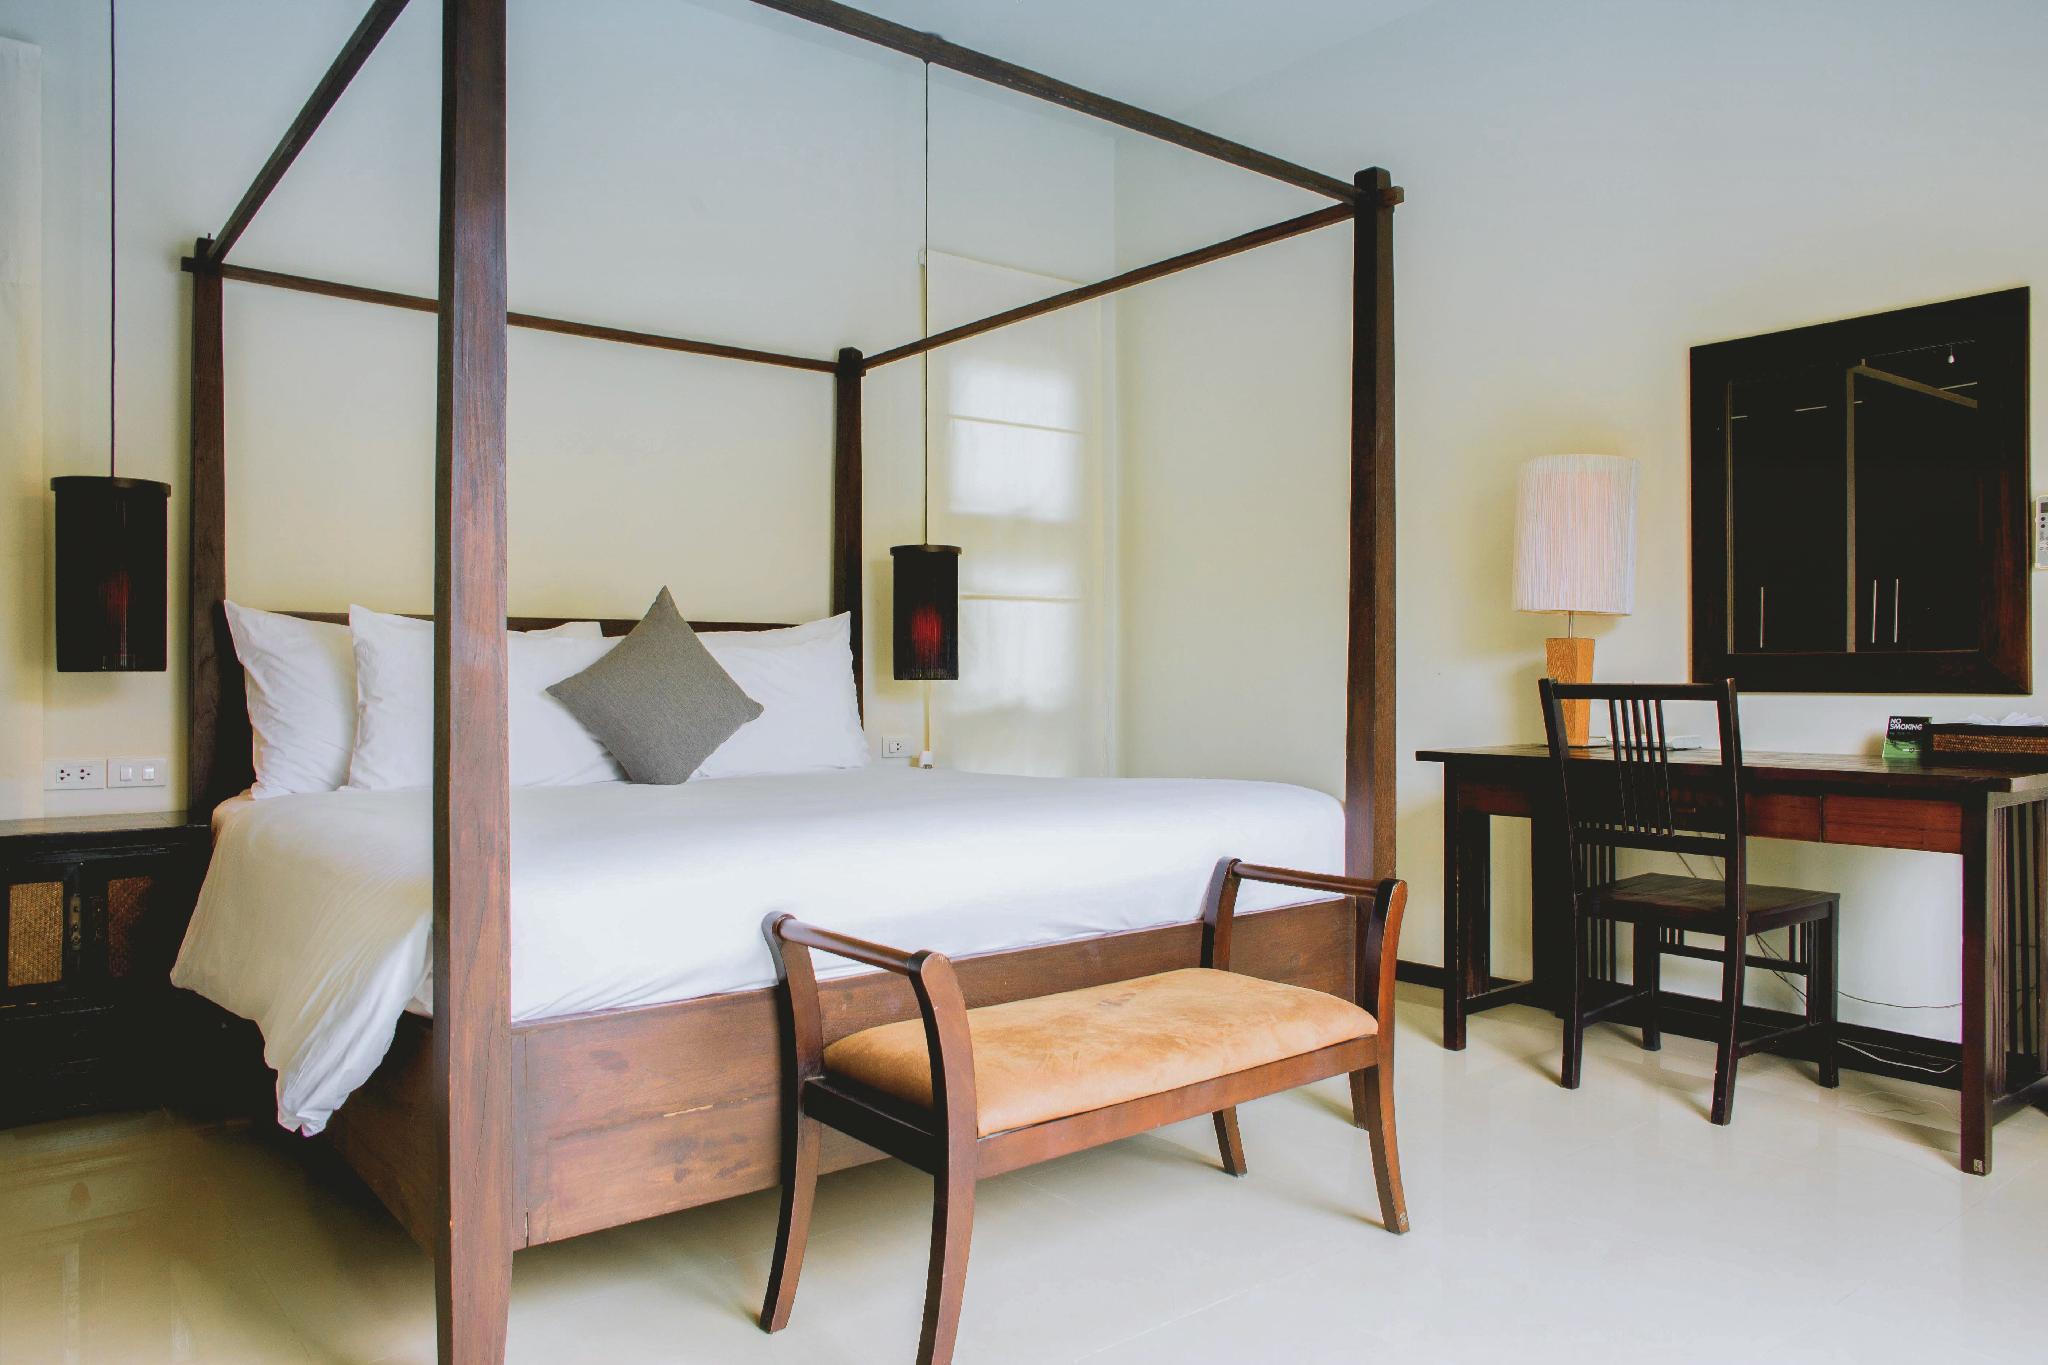 VD8 - Oriental Villa 2BR Private Pool-Layan Beach สตูดิโอ บ้านเดี่ยว 2 ห้องน้ำส่วนตัว ขนาด 210 ตร.ม. – บางเทา